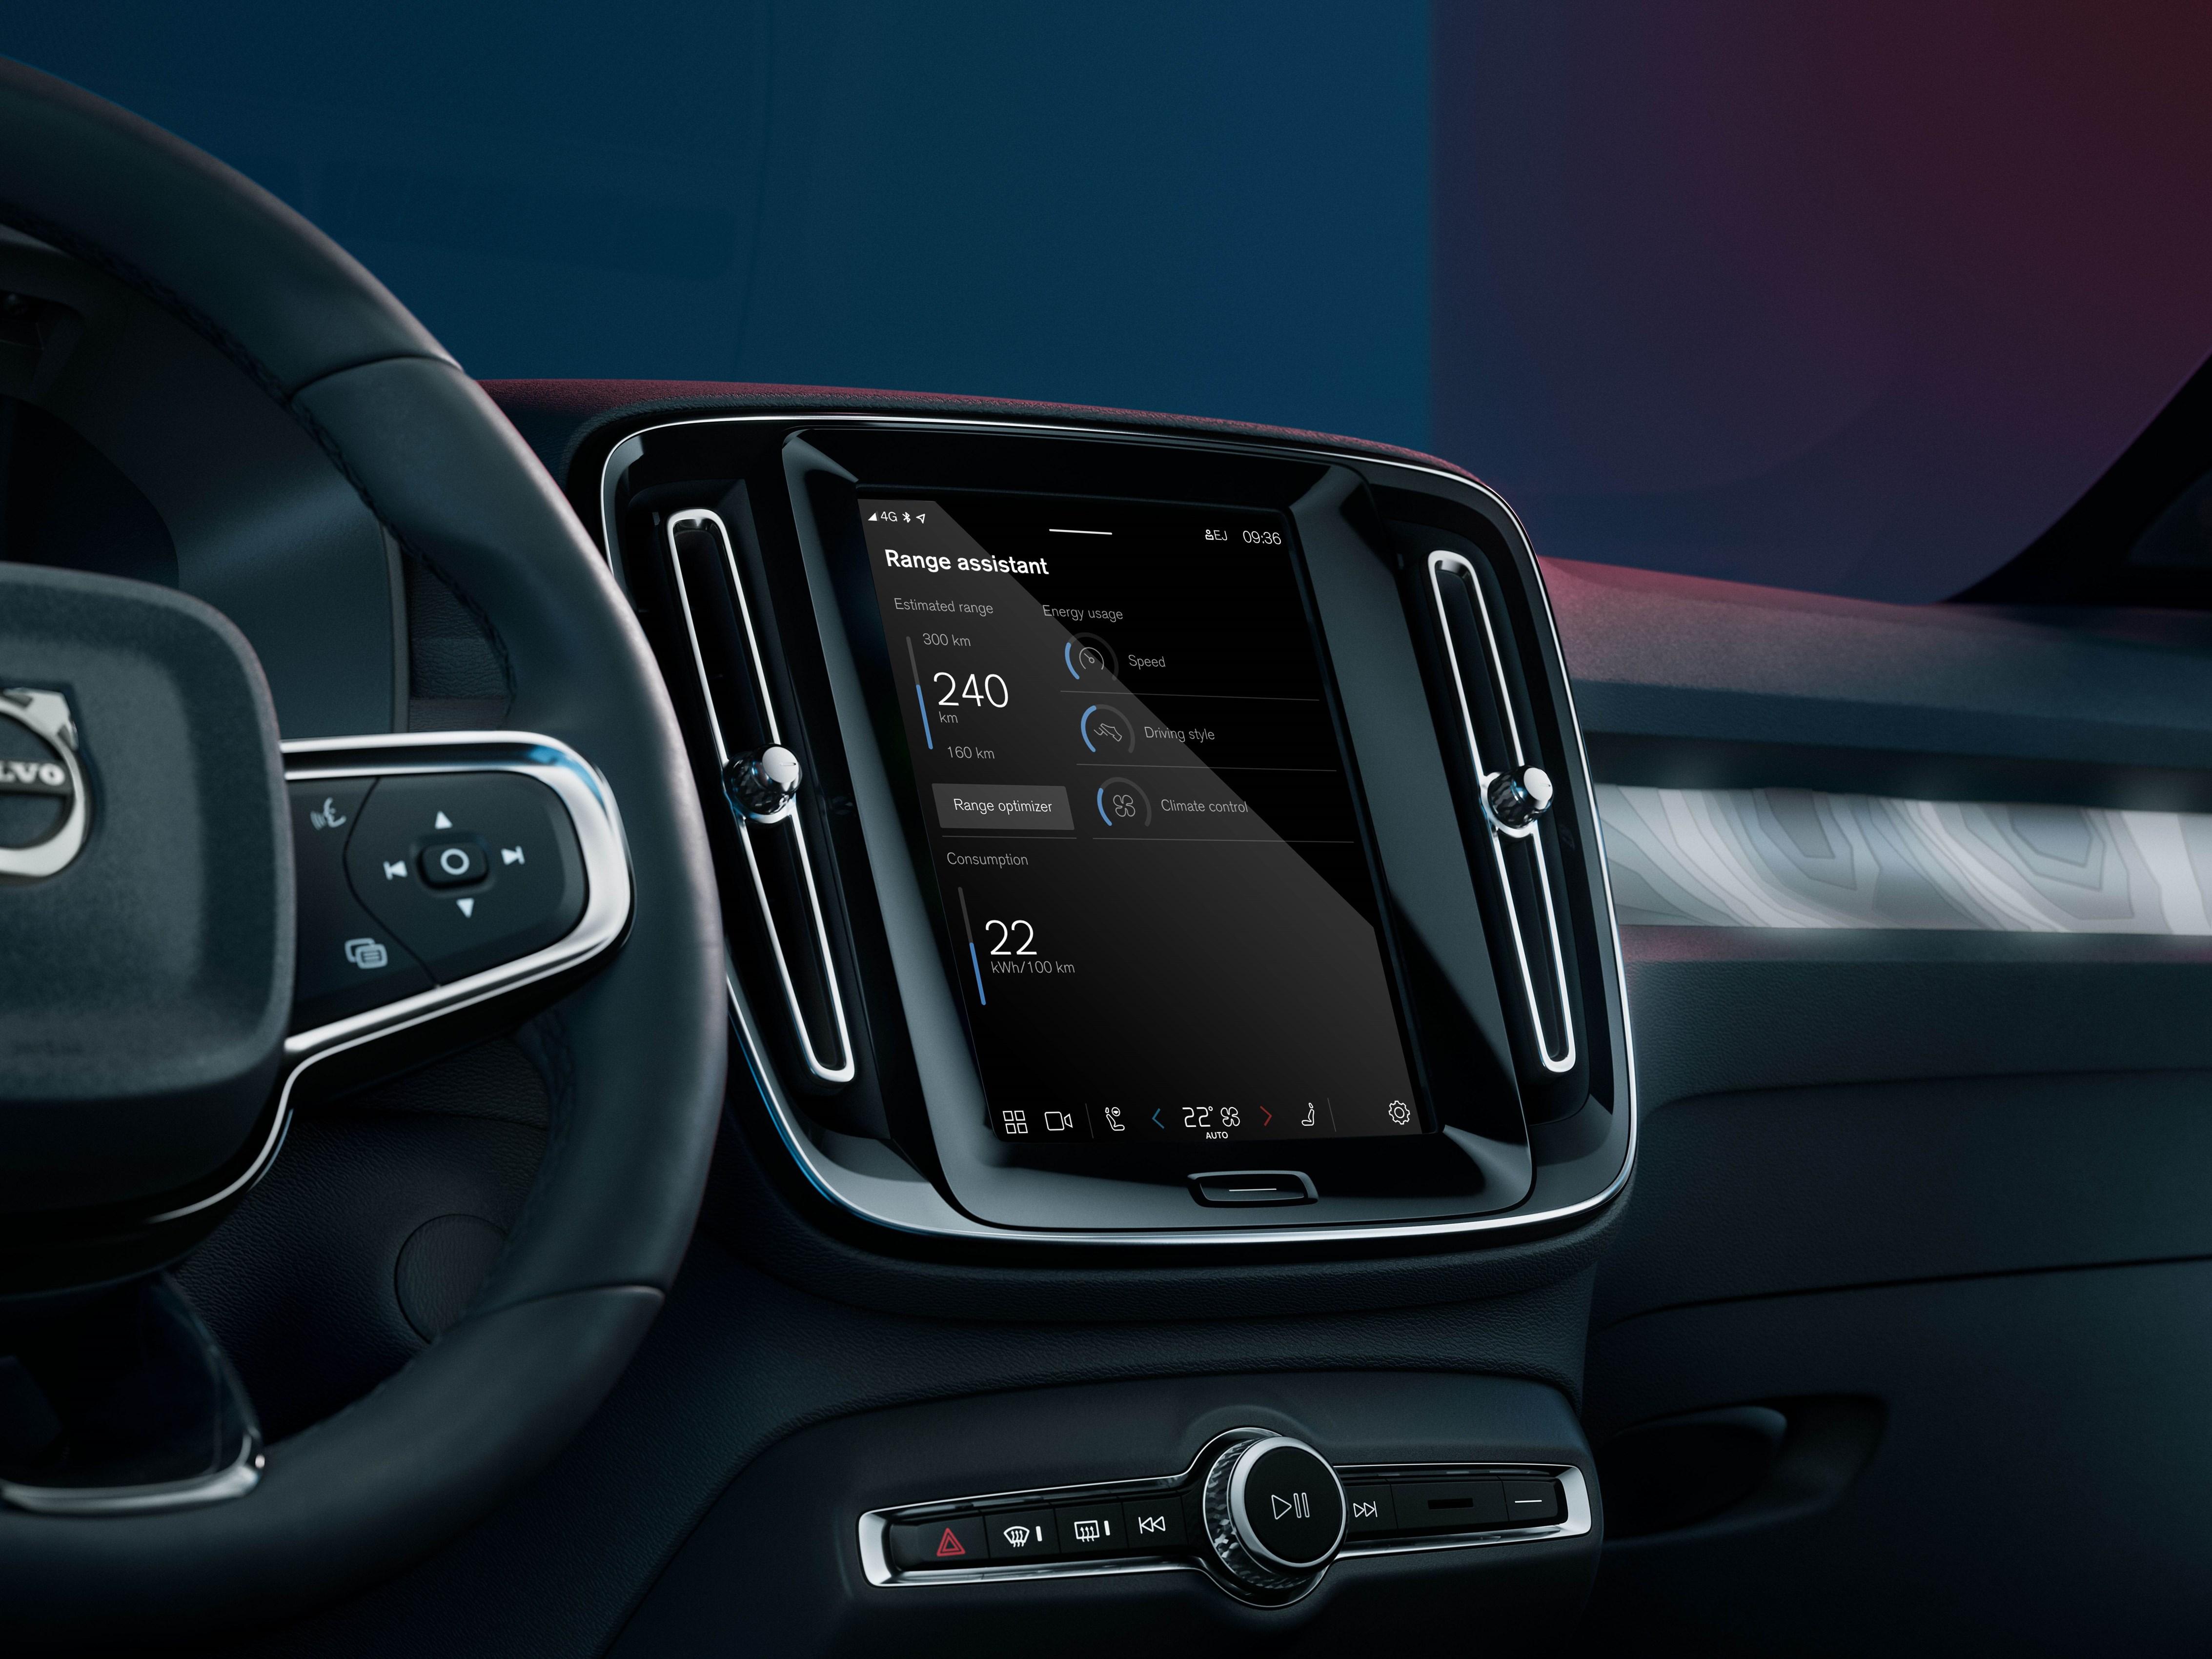 Оптимізація запасу ходу повністю електричного Volvo із додатком Range Assistant